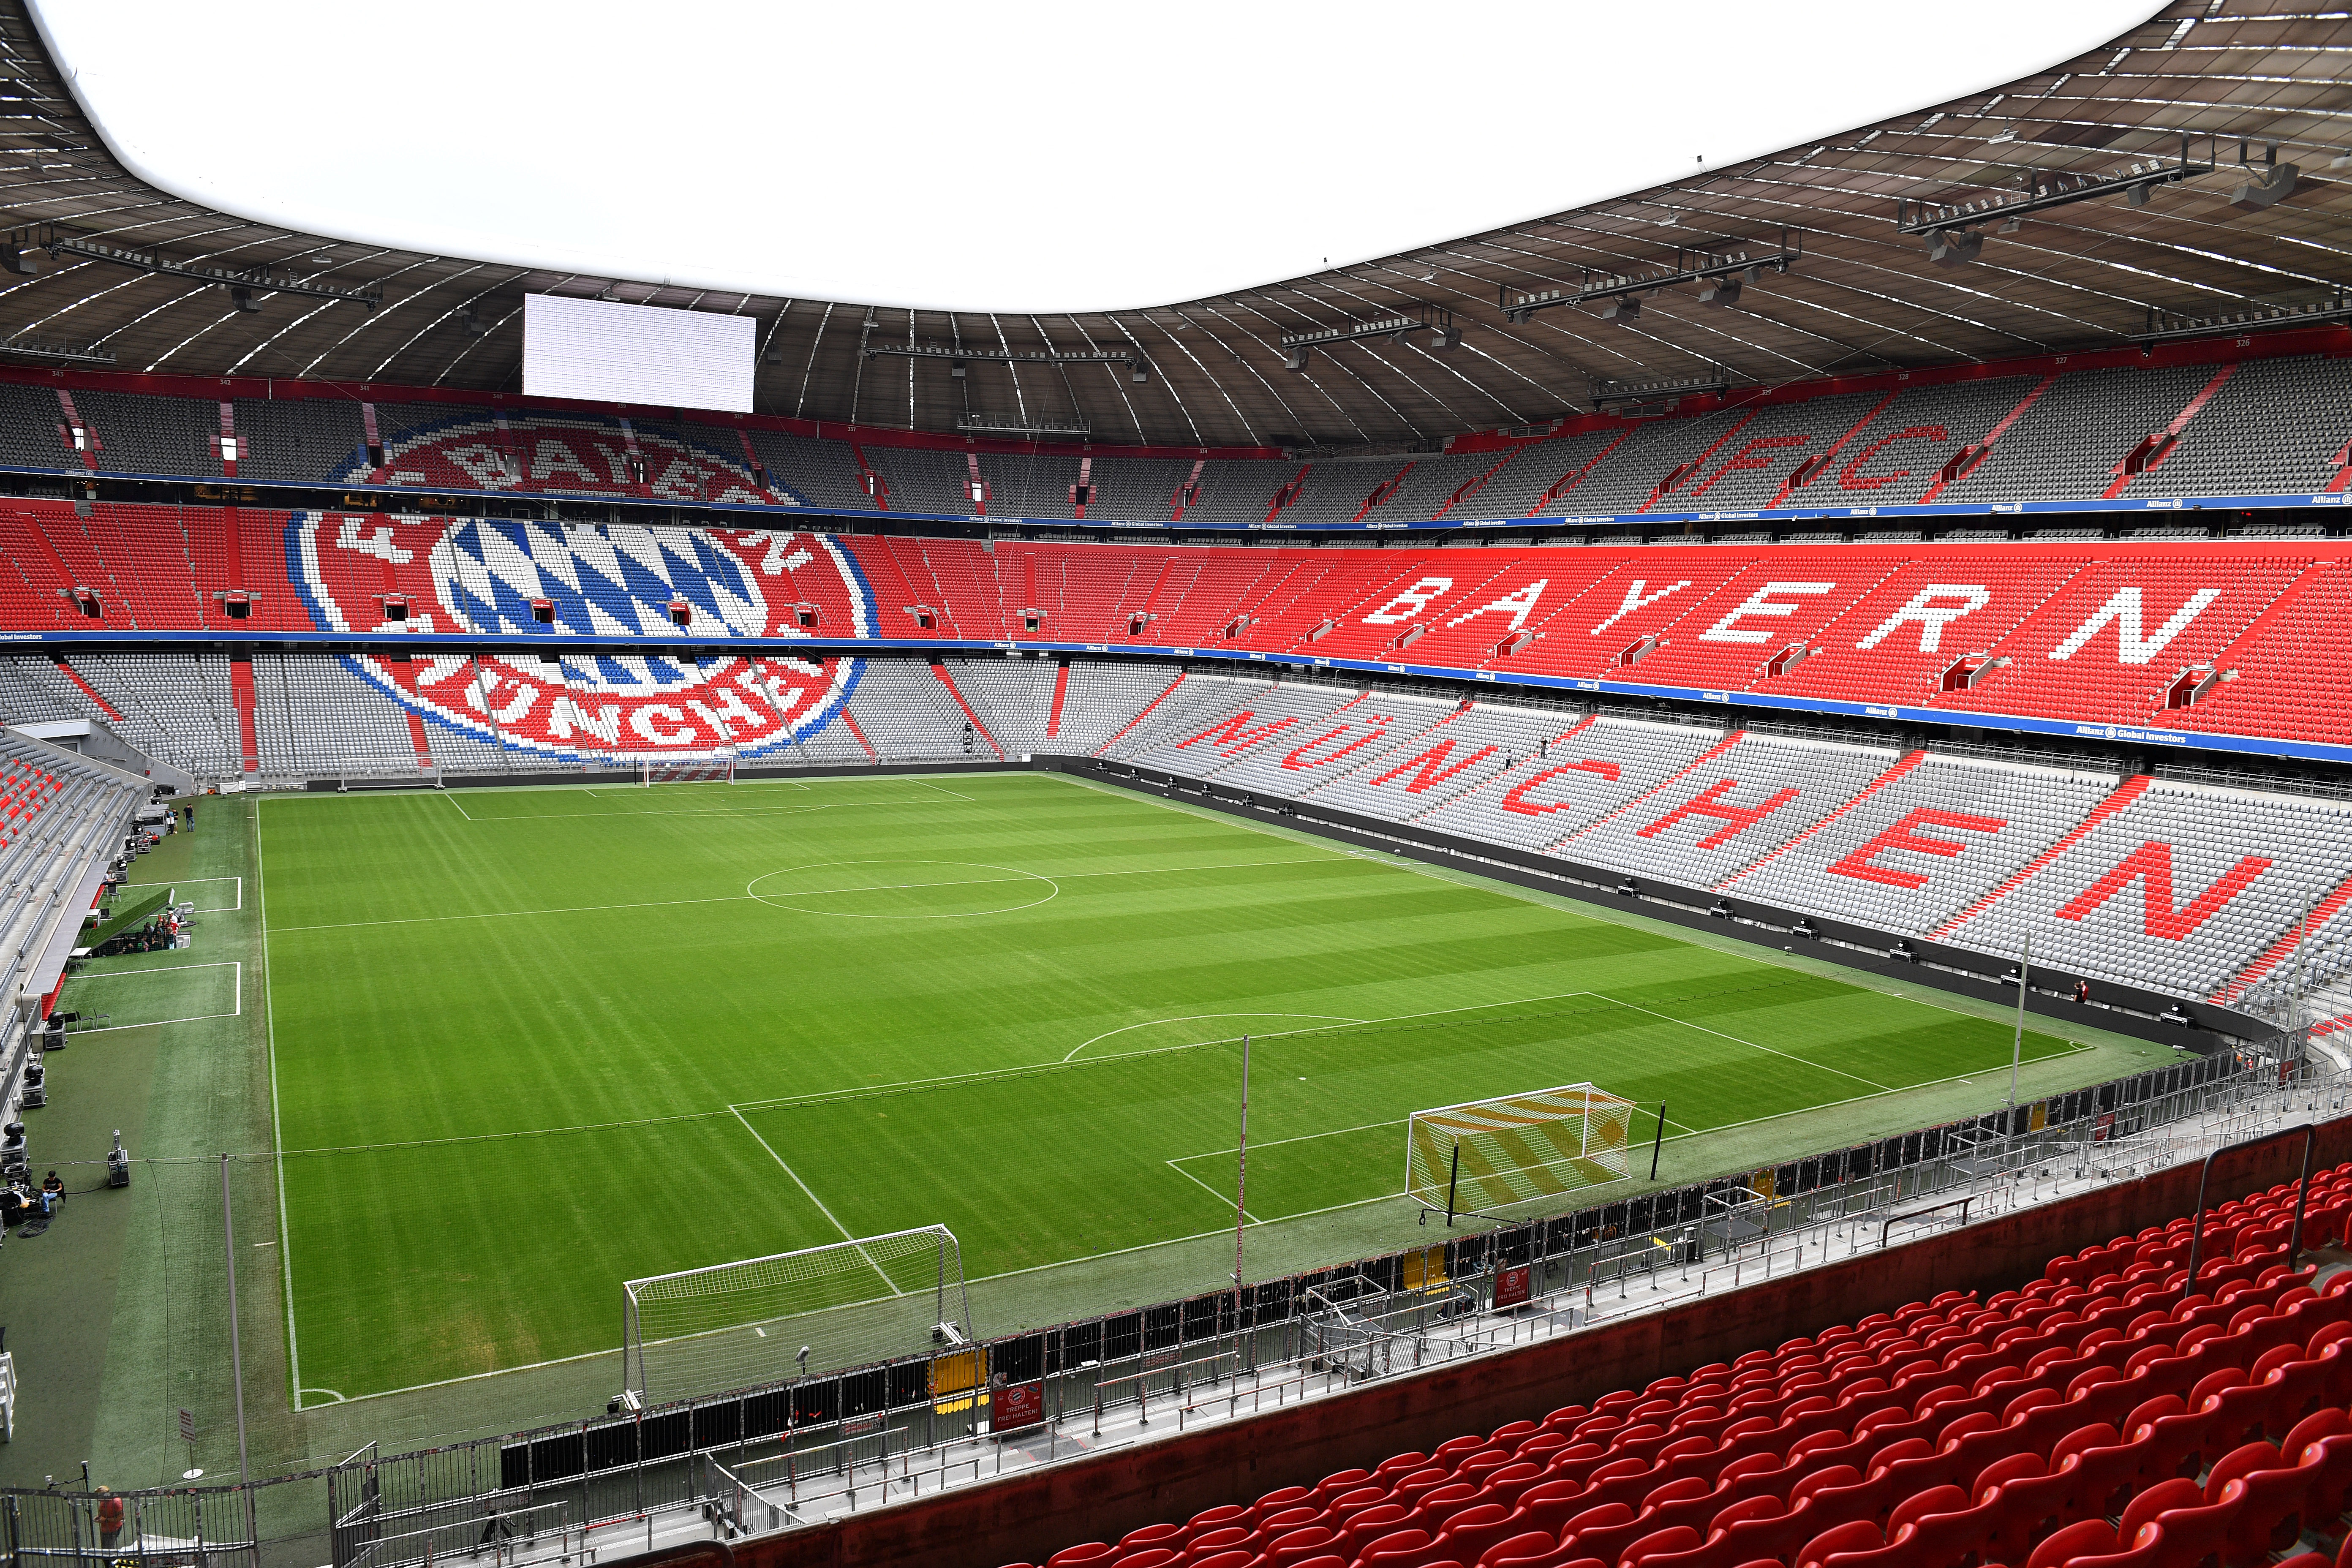 A hétvégéig el kell dönteni, hány nézőt engednek be az EB-meccsekre Münchenben, Bilbaóban és Dublinban